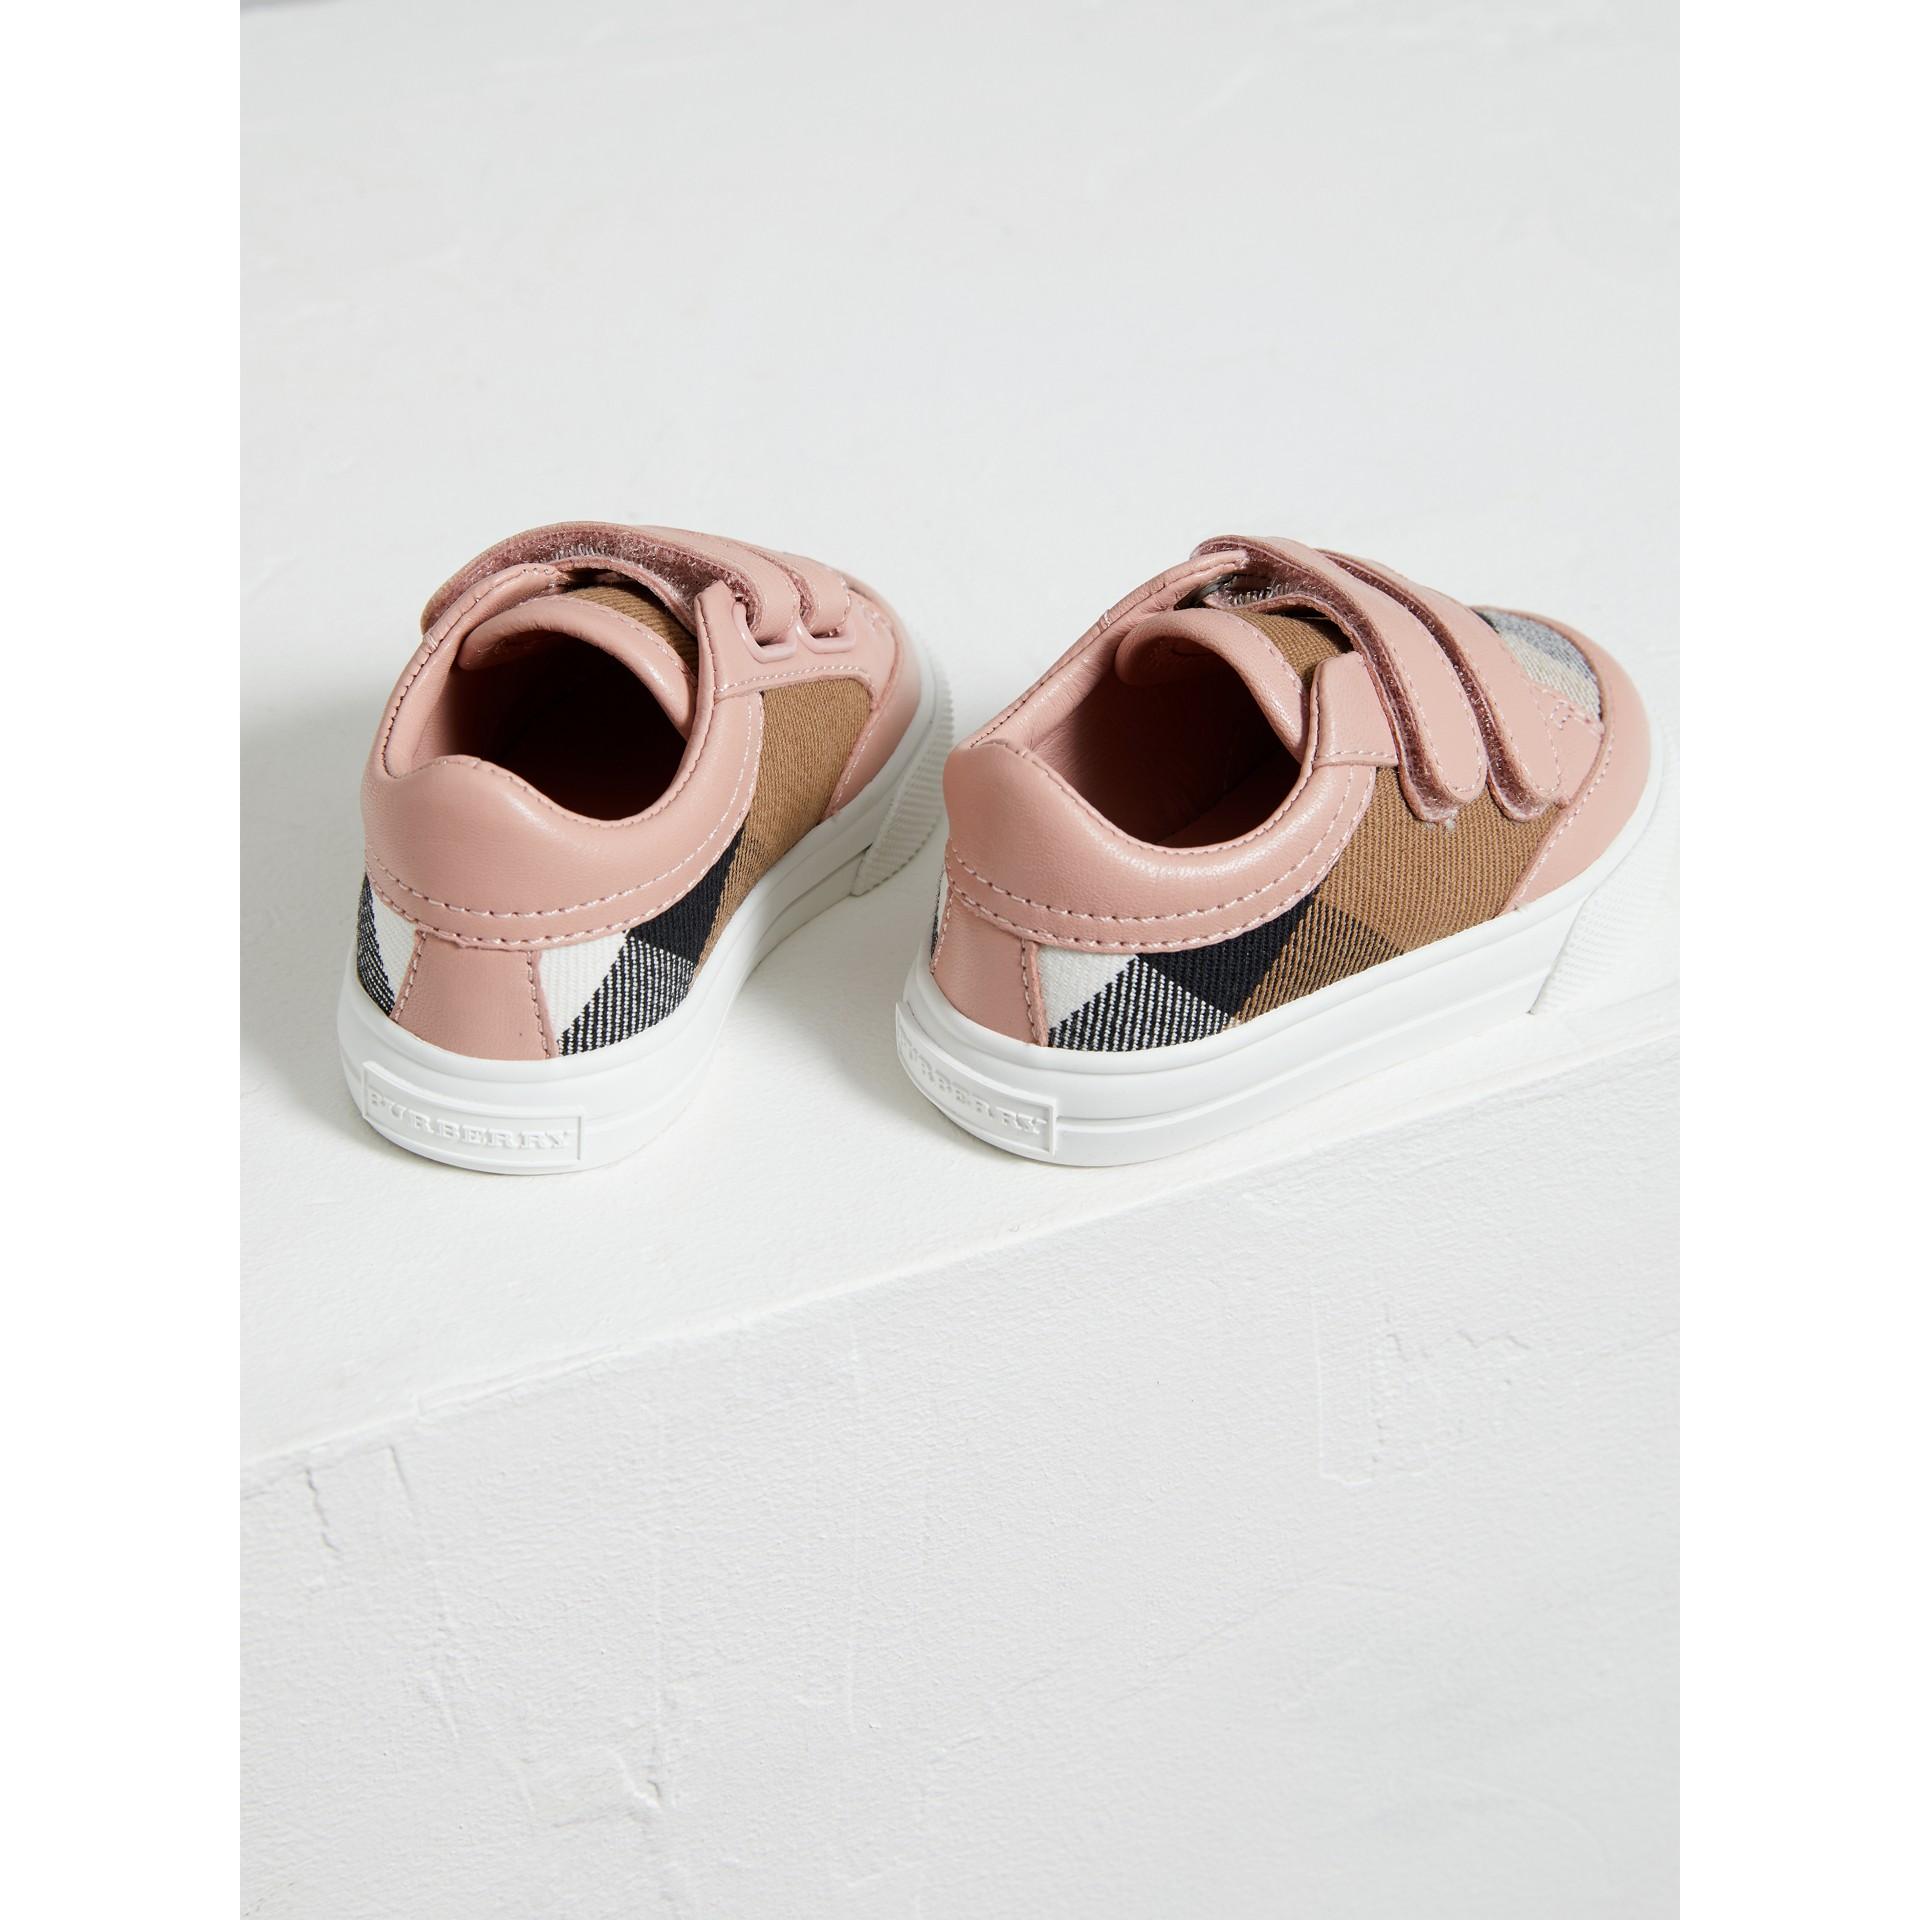 Кеды из кожи и парусины в клетку Canvas Check (Розовый Пион, Меланж) - Для детей | Burberry - изображение 3